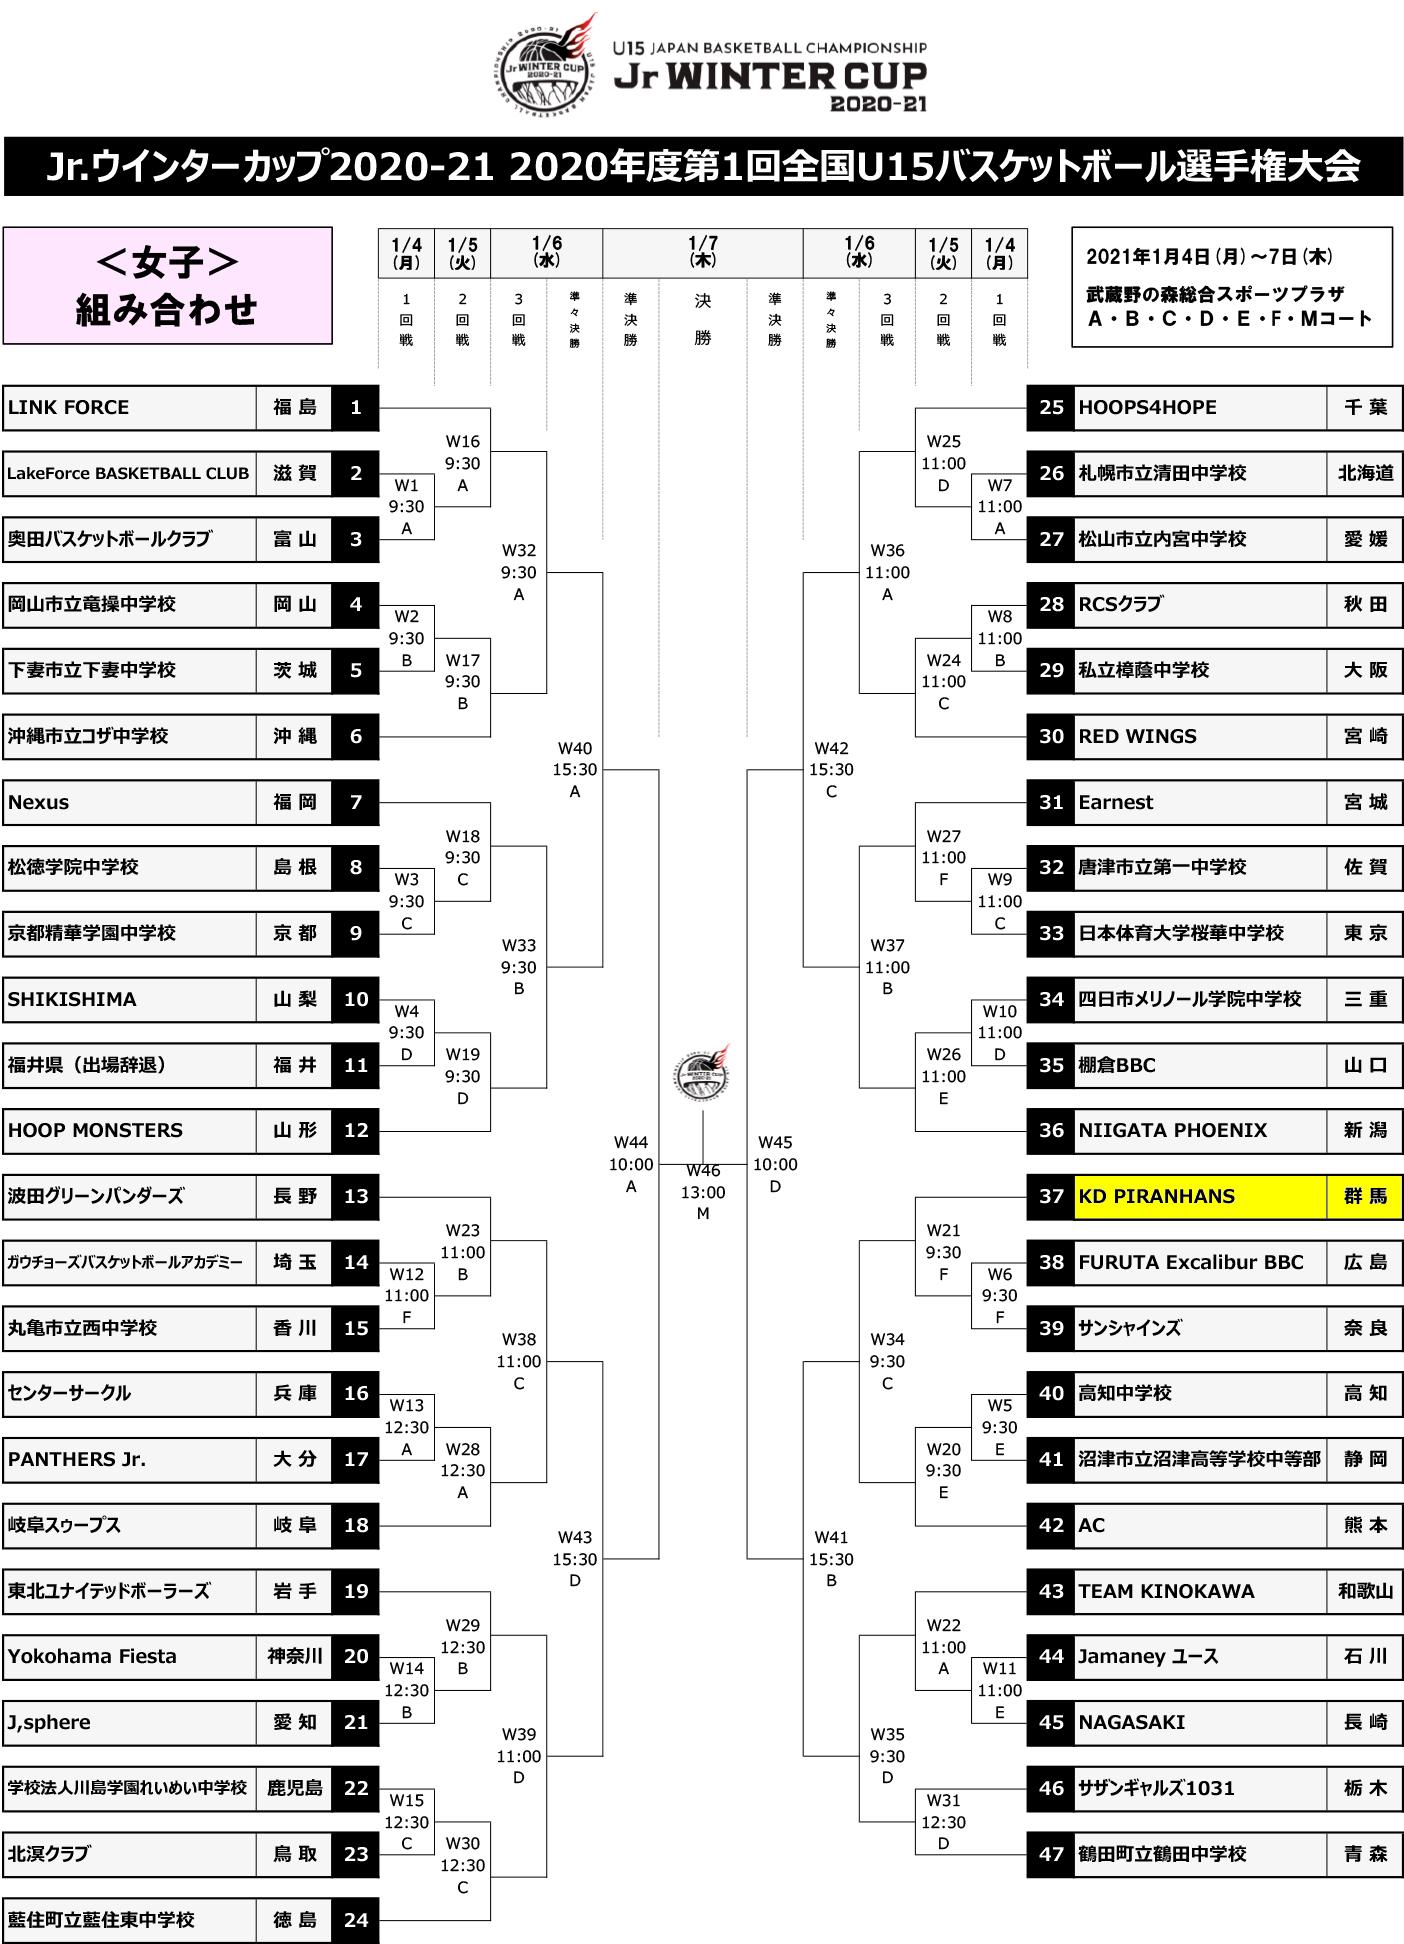 Jr.ウインターカップ2020-21 - 組み合わせ 女子